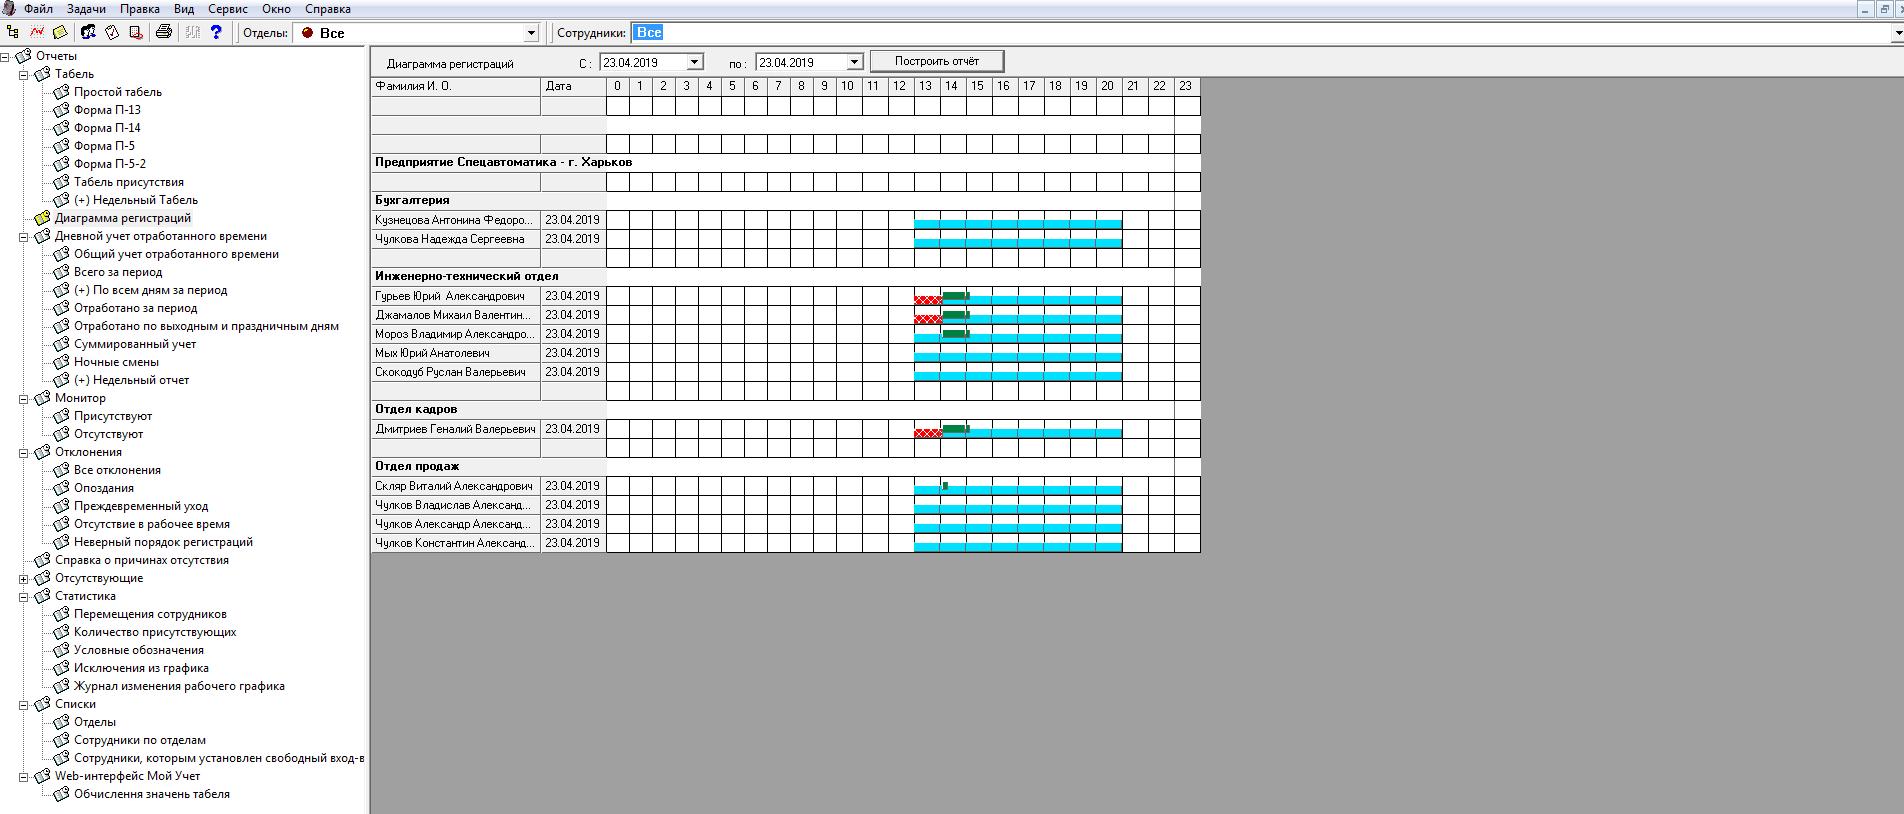 Система контроля доступа STOP-Net 4.0 - диаграмма регистраций